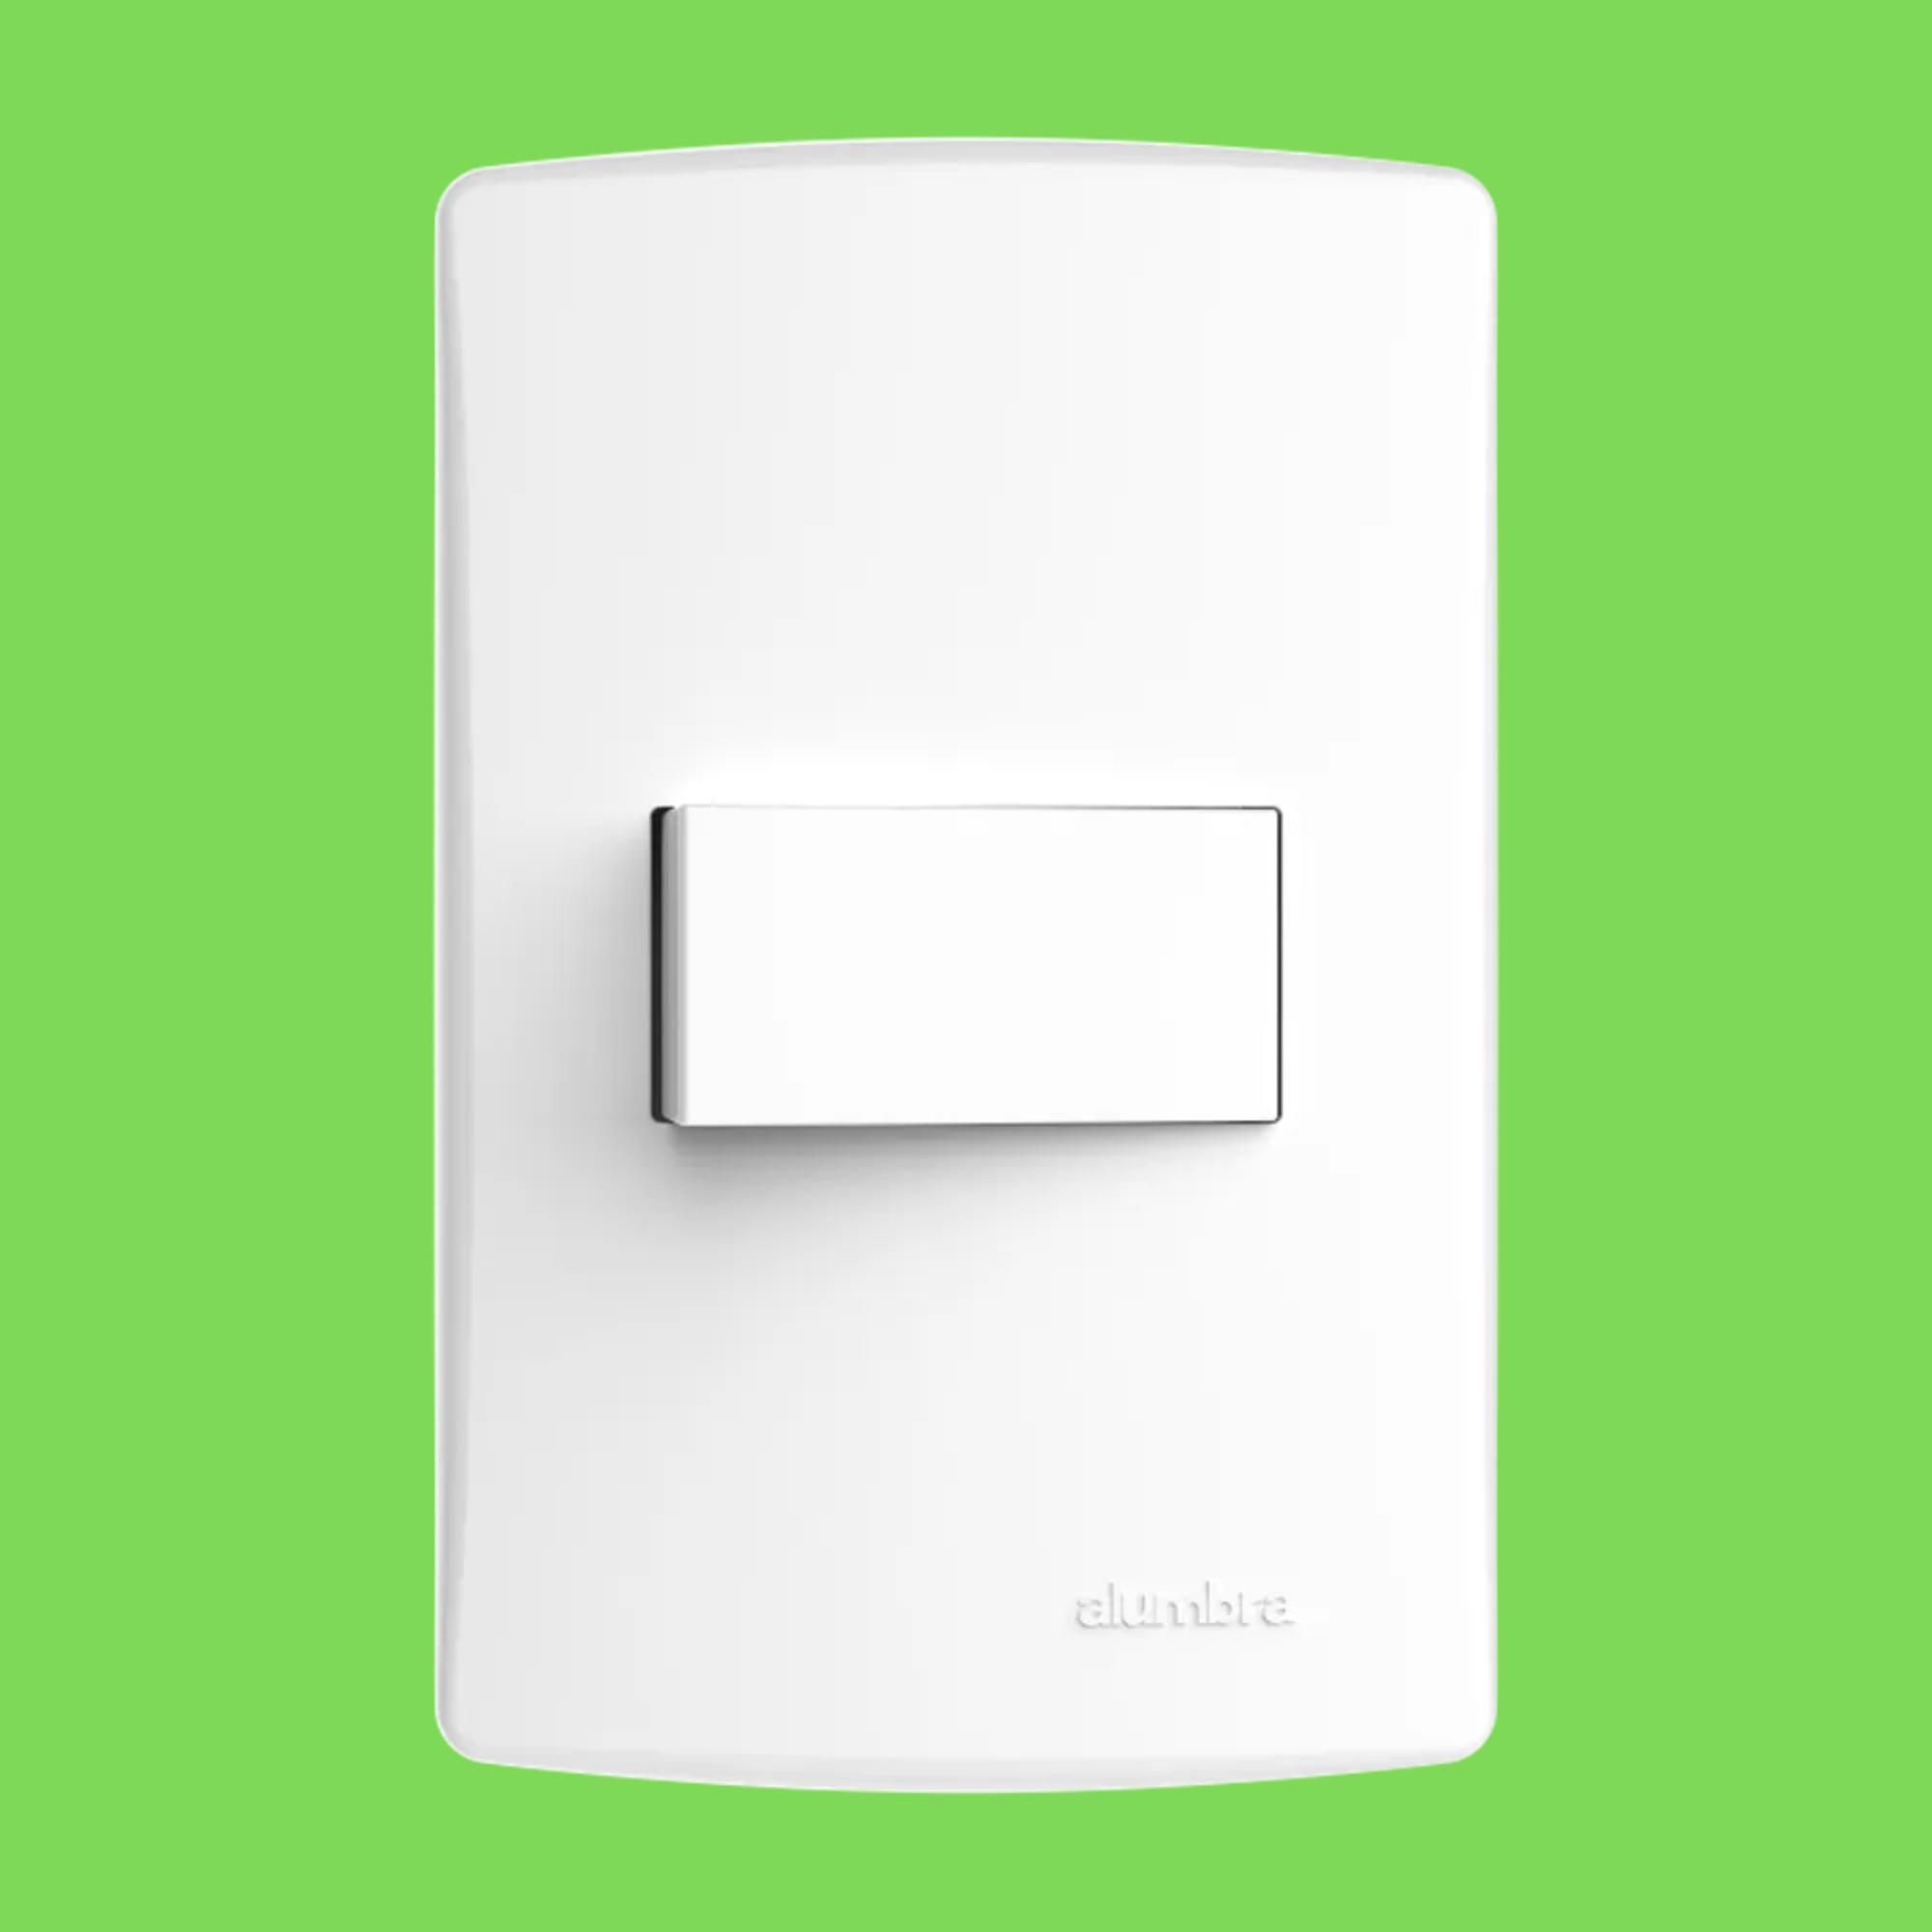 Kit 10 und Alumbra Bianco Pró 1 Seção de Interruptor Simples Com Placa